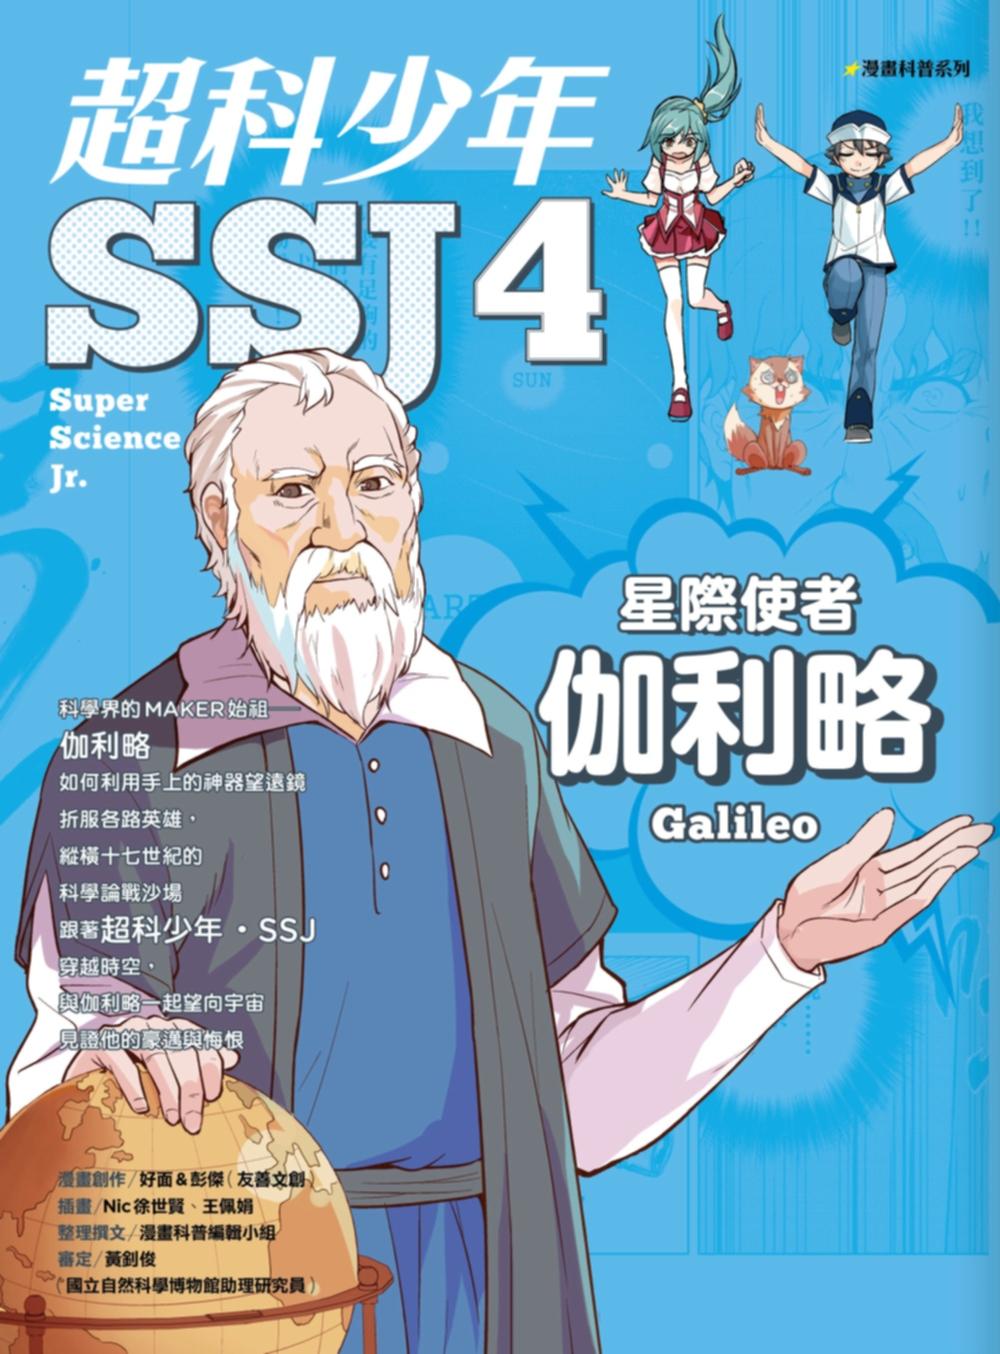 超科少年04:星際使者伽利略